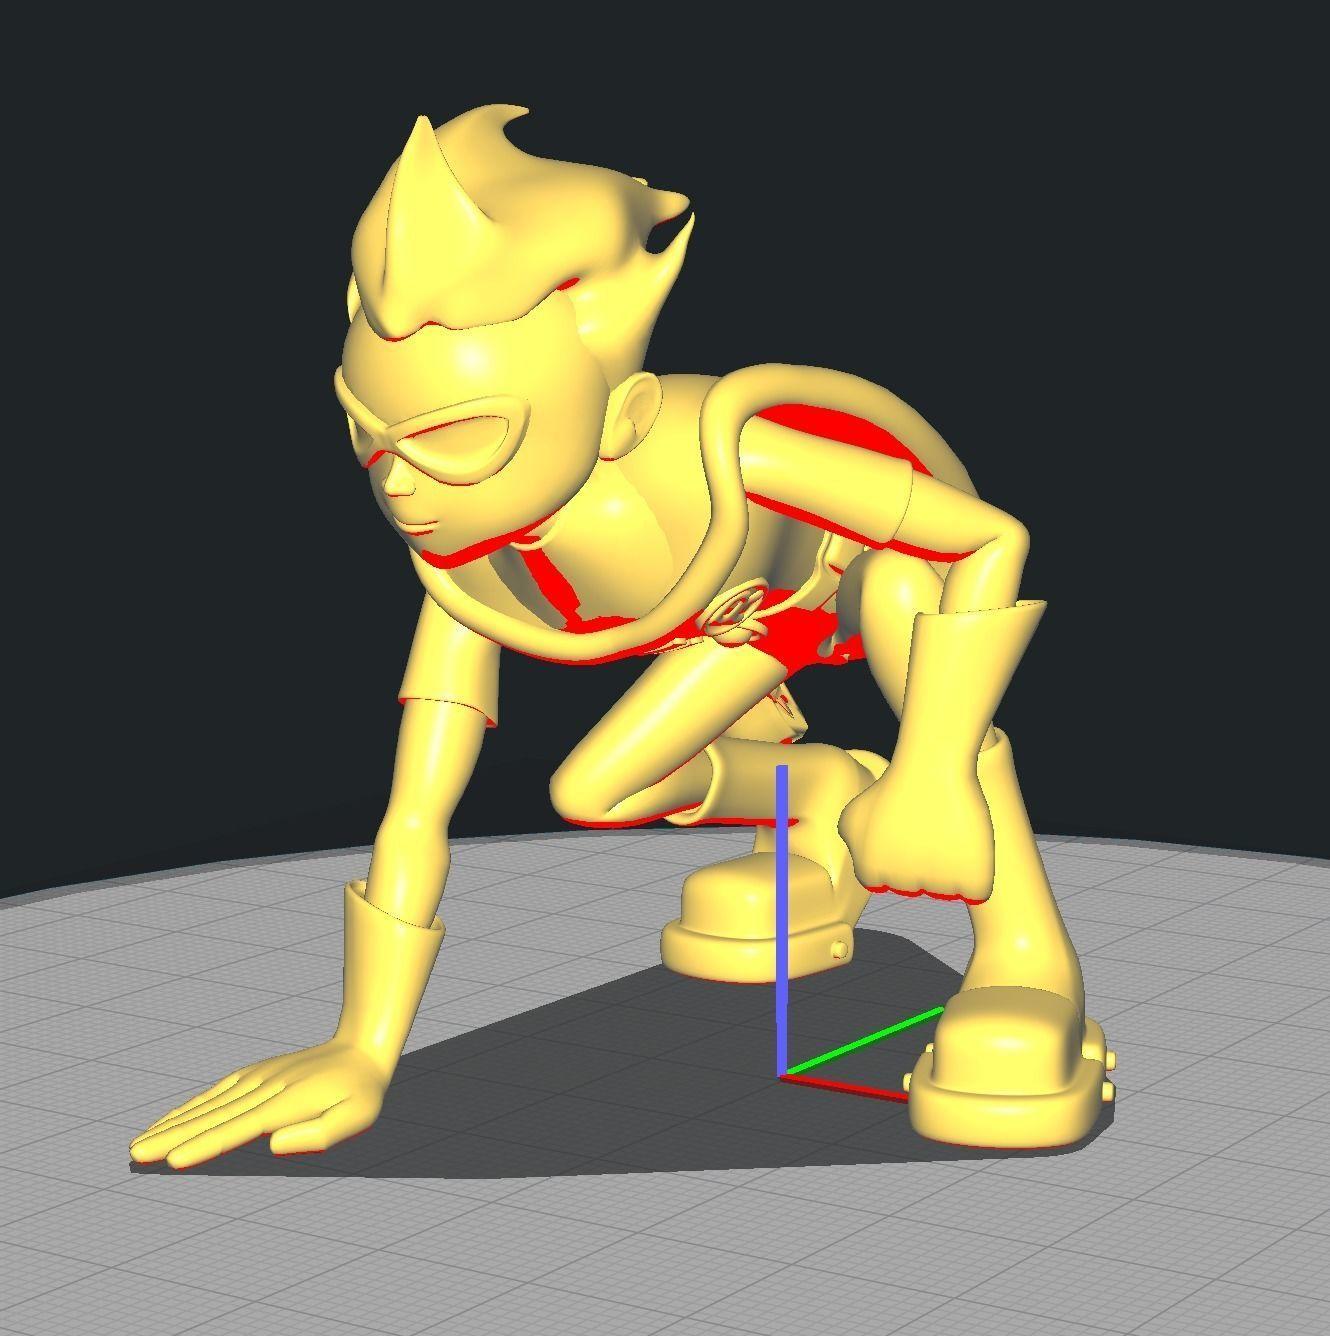 Teen Titan Robin Crouched